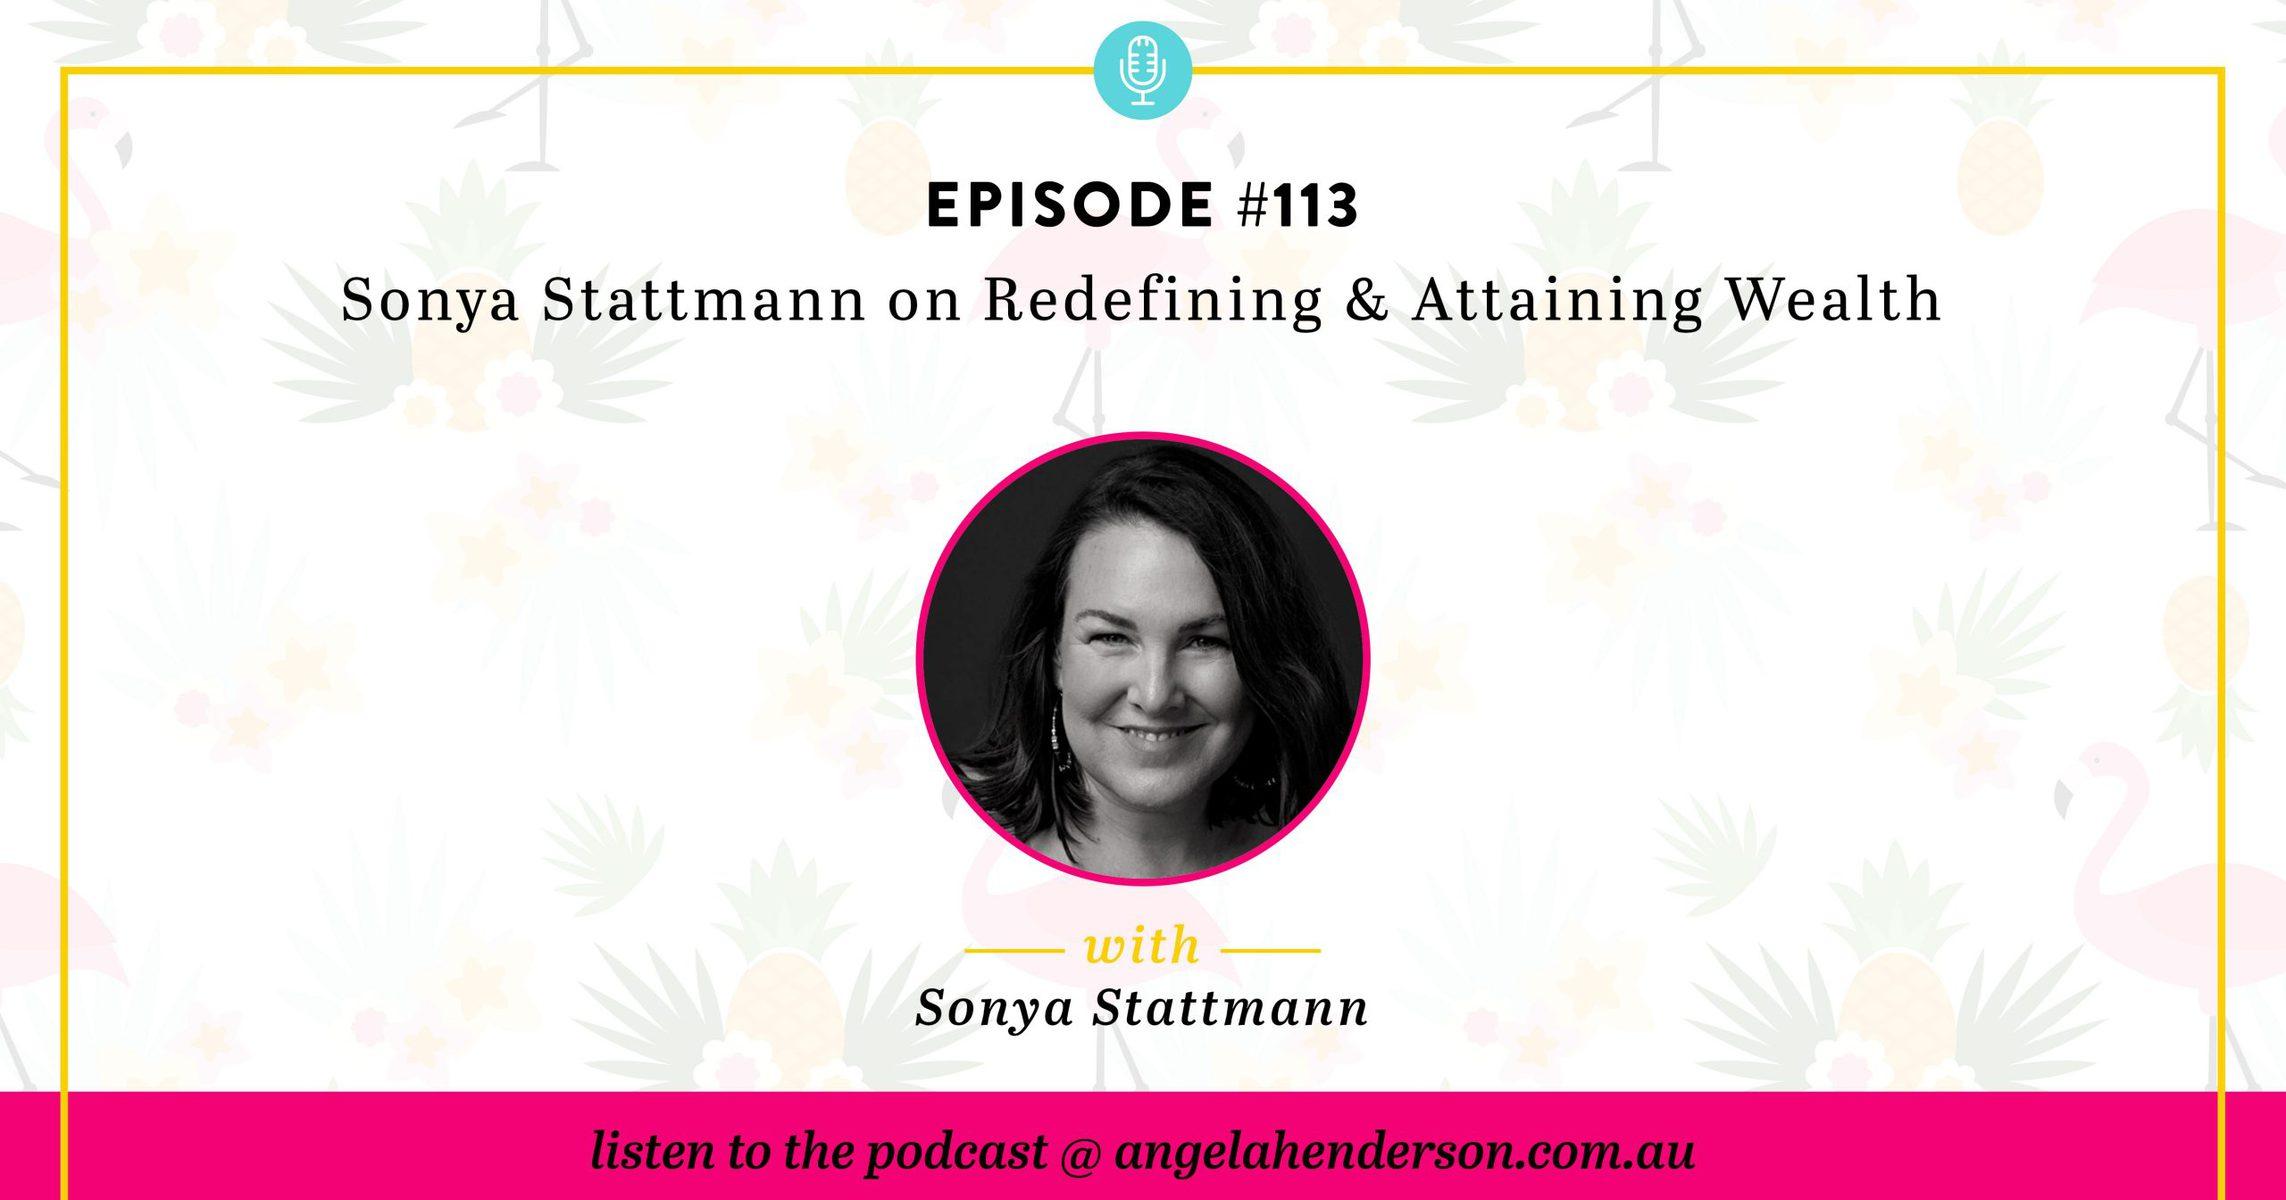 Sonya Stattmann